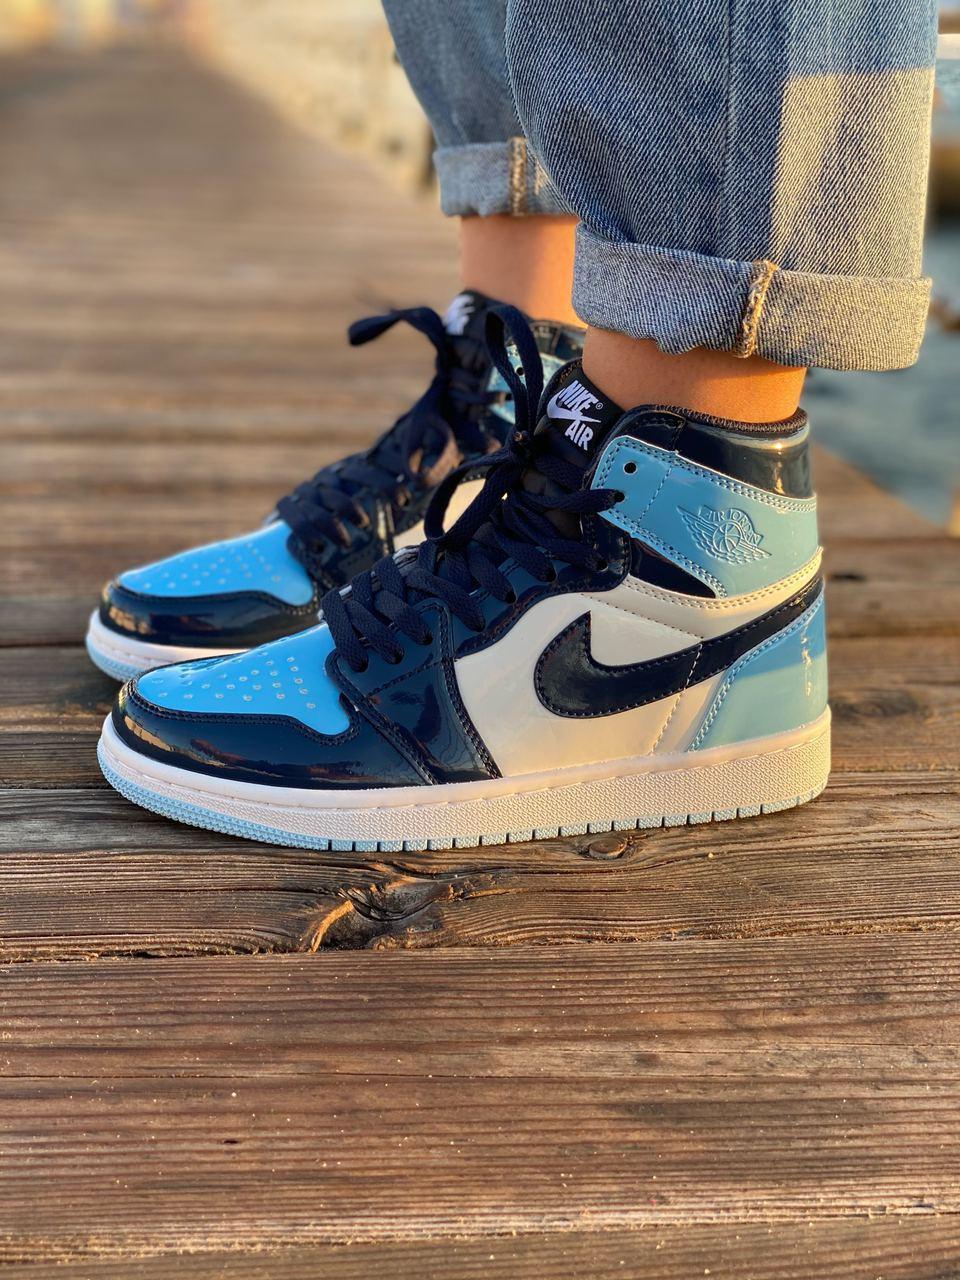 Жіночі кросівки в стилі Nike Air Jordan 1 Retro (blue/white), Найк Аїр Джордан 1 ретро (Репліка ААА)